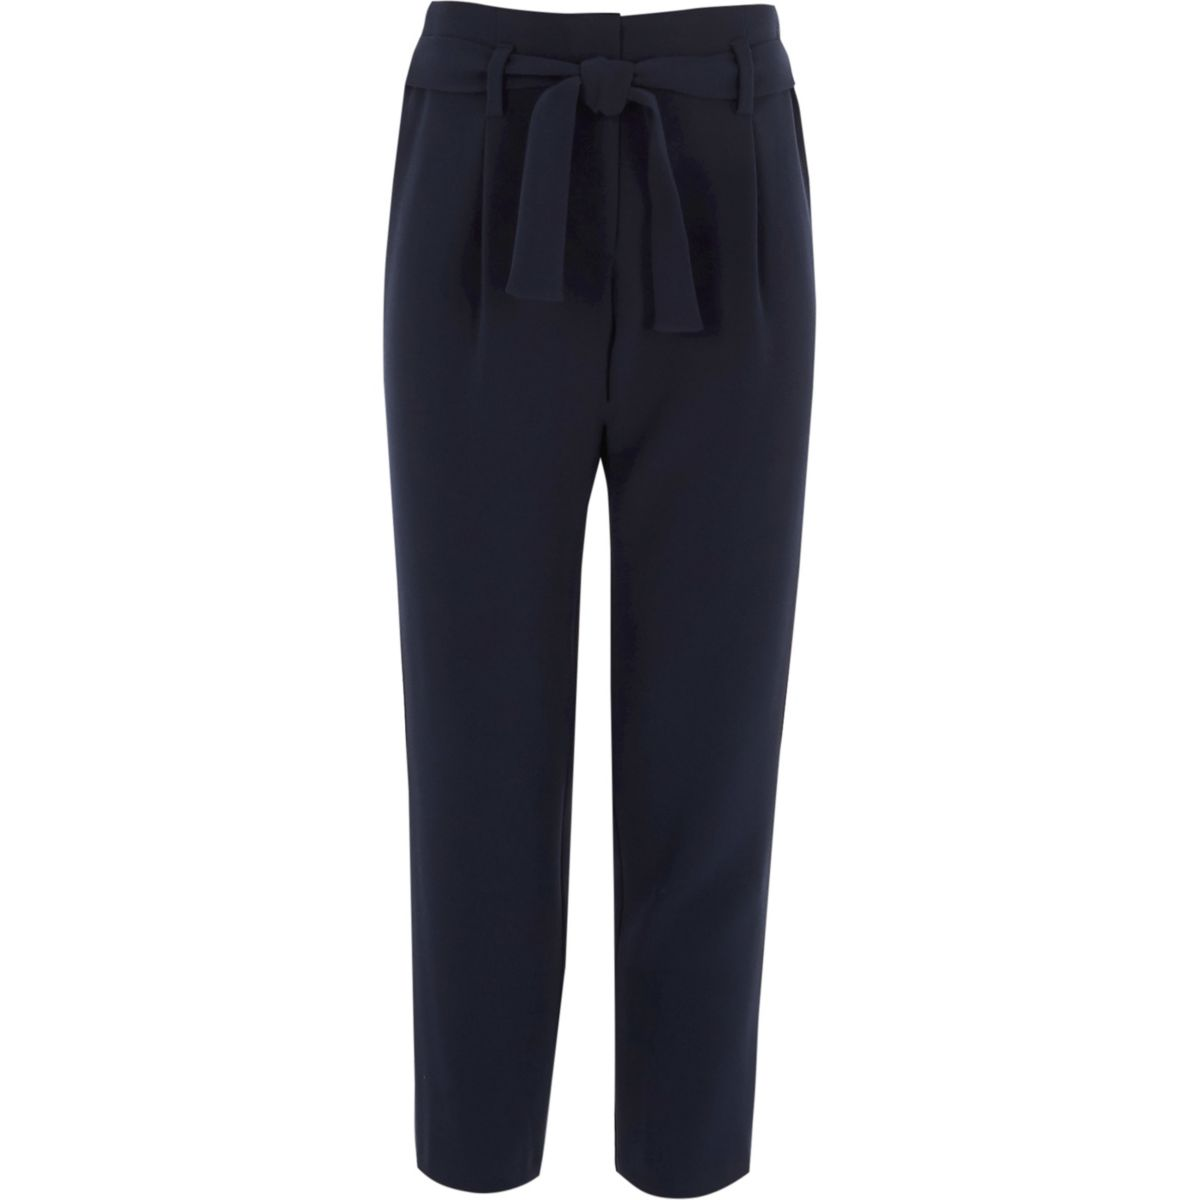 Girls navy tie front pants